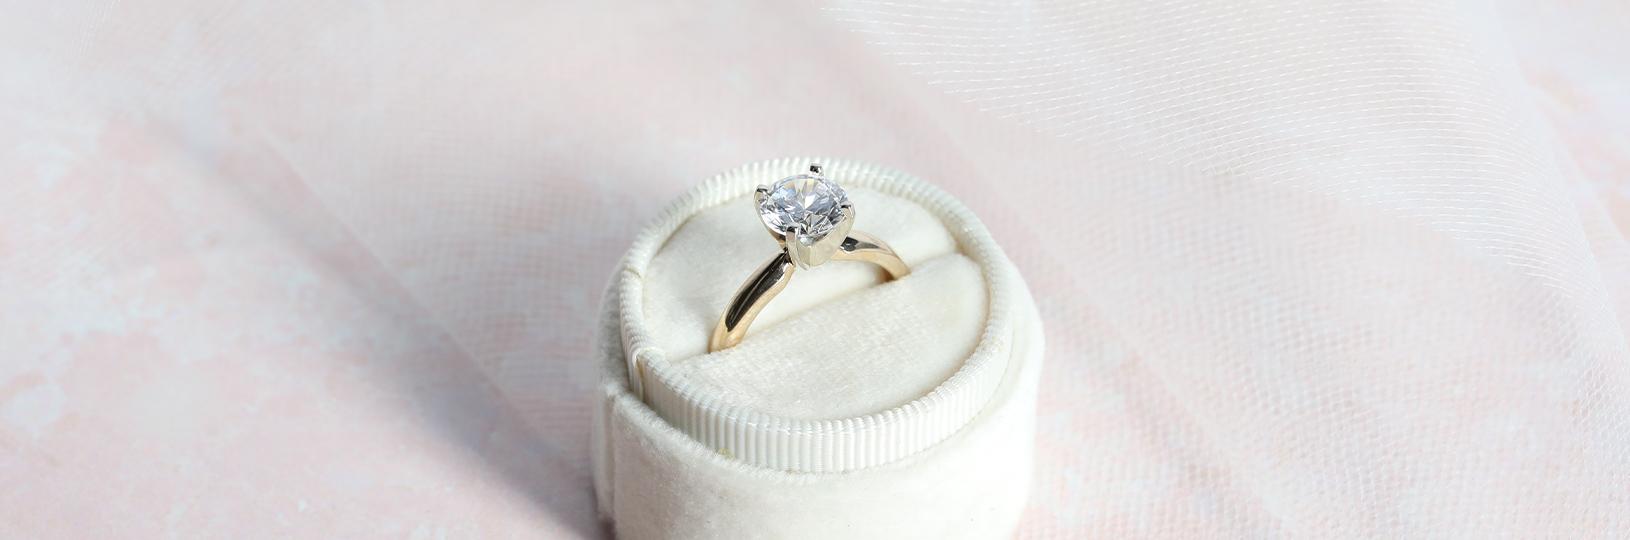 12FIFTEEN Diamonds engagement ring